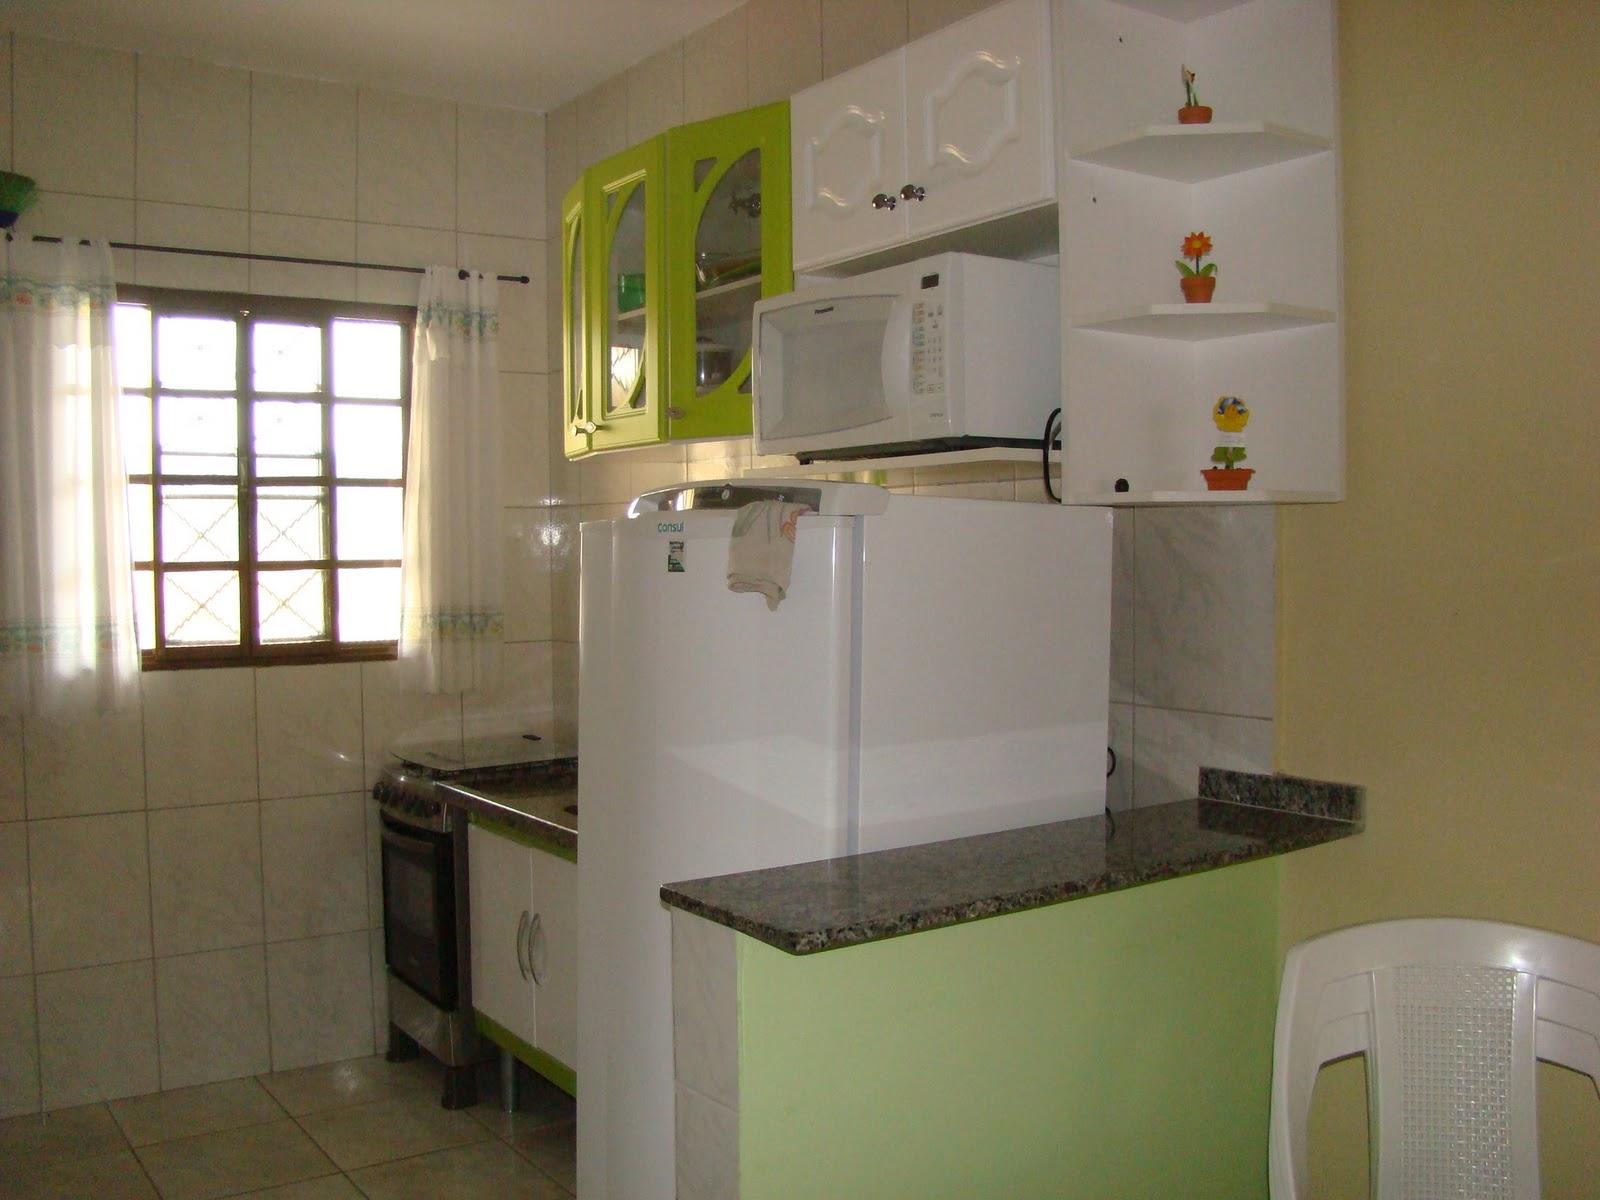 de cozinha source http chaleamorim blogspot com 2010 12 armario de #8A7941 1600 1200